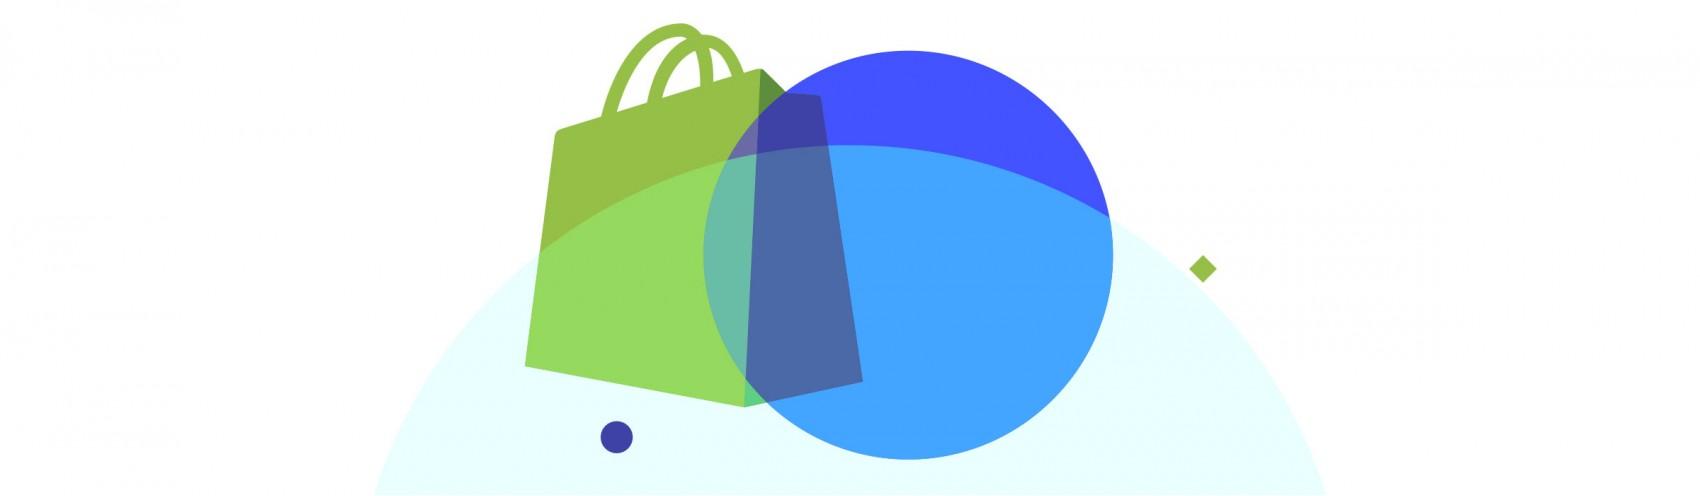 Webflow Shopify